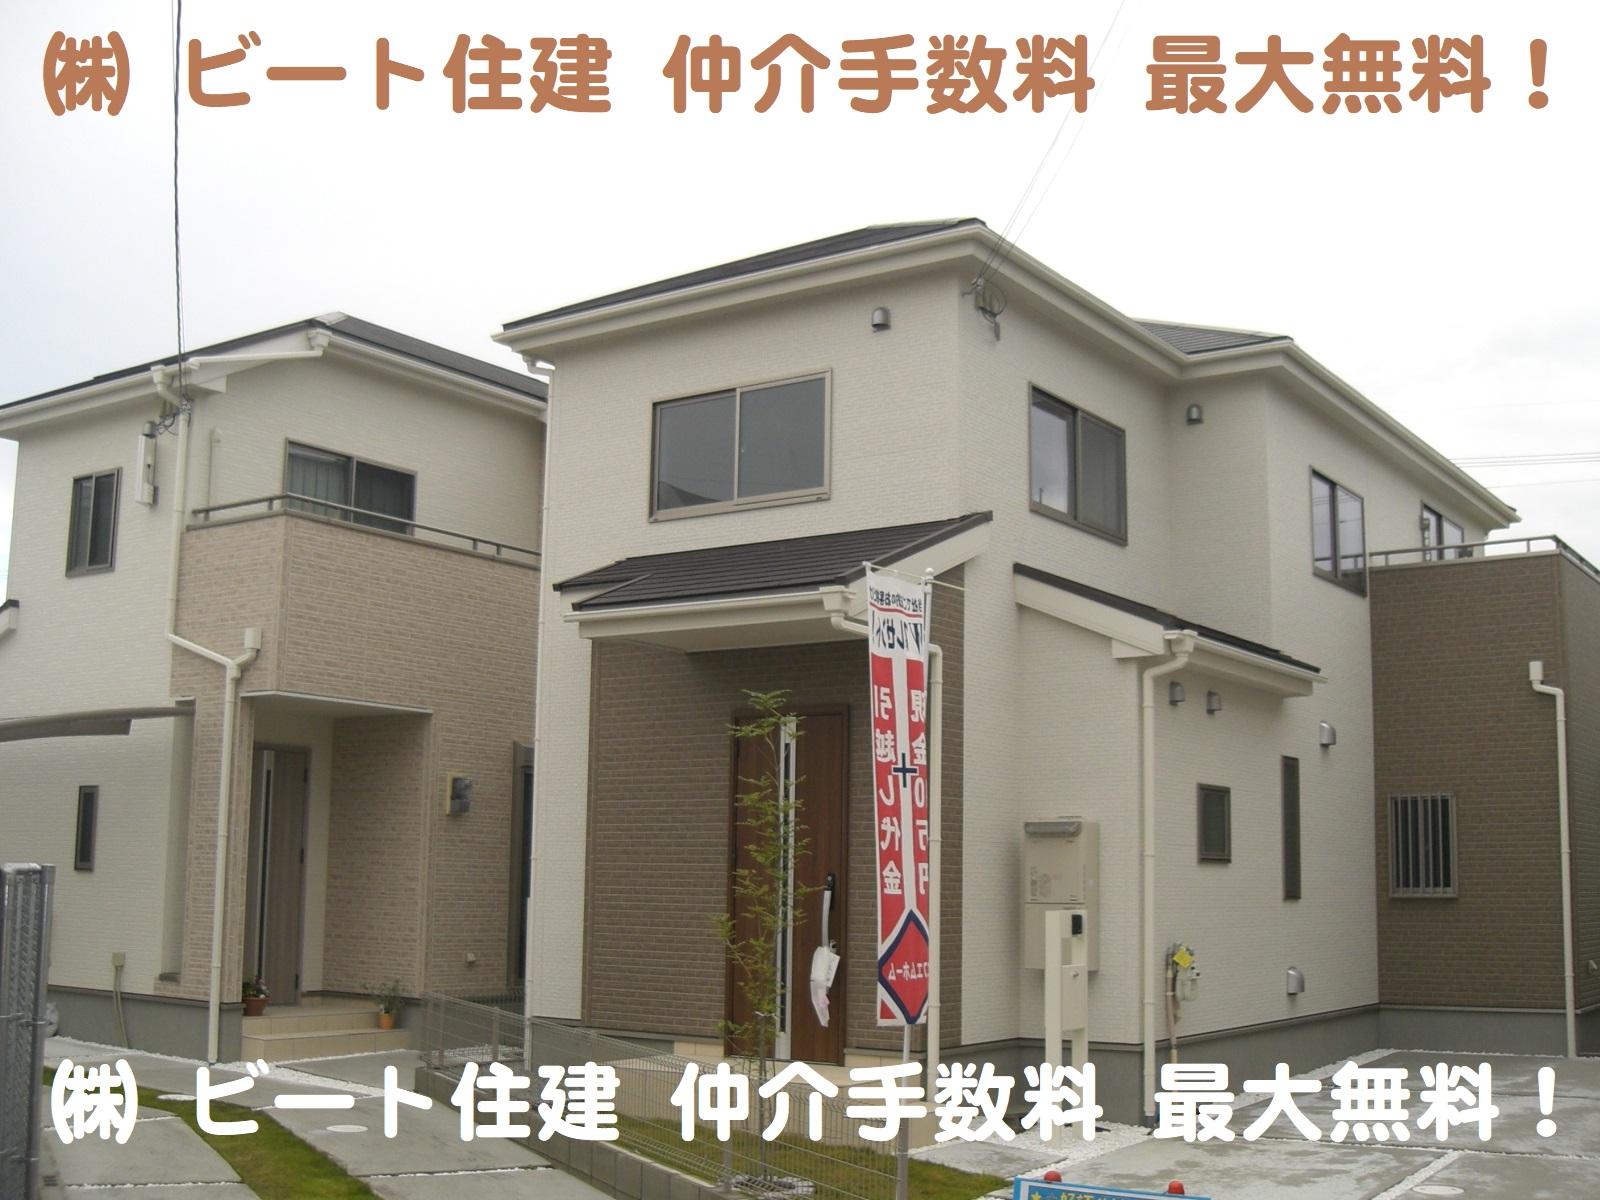 奈良県 新築一戸建て 香芝市 新築 お買い得 仲介手数料 最大無料 ビート住建 販売価格も 大幅値引き 頑張ります!